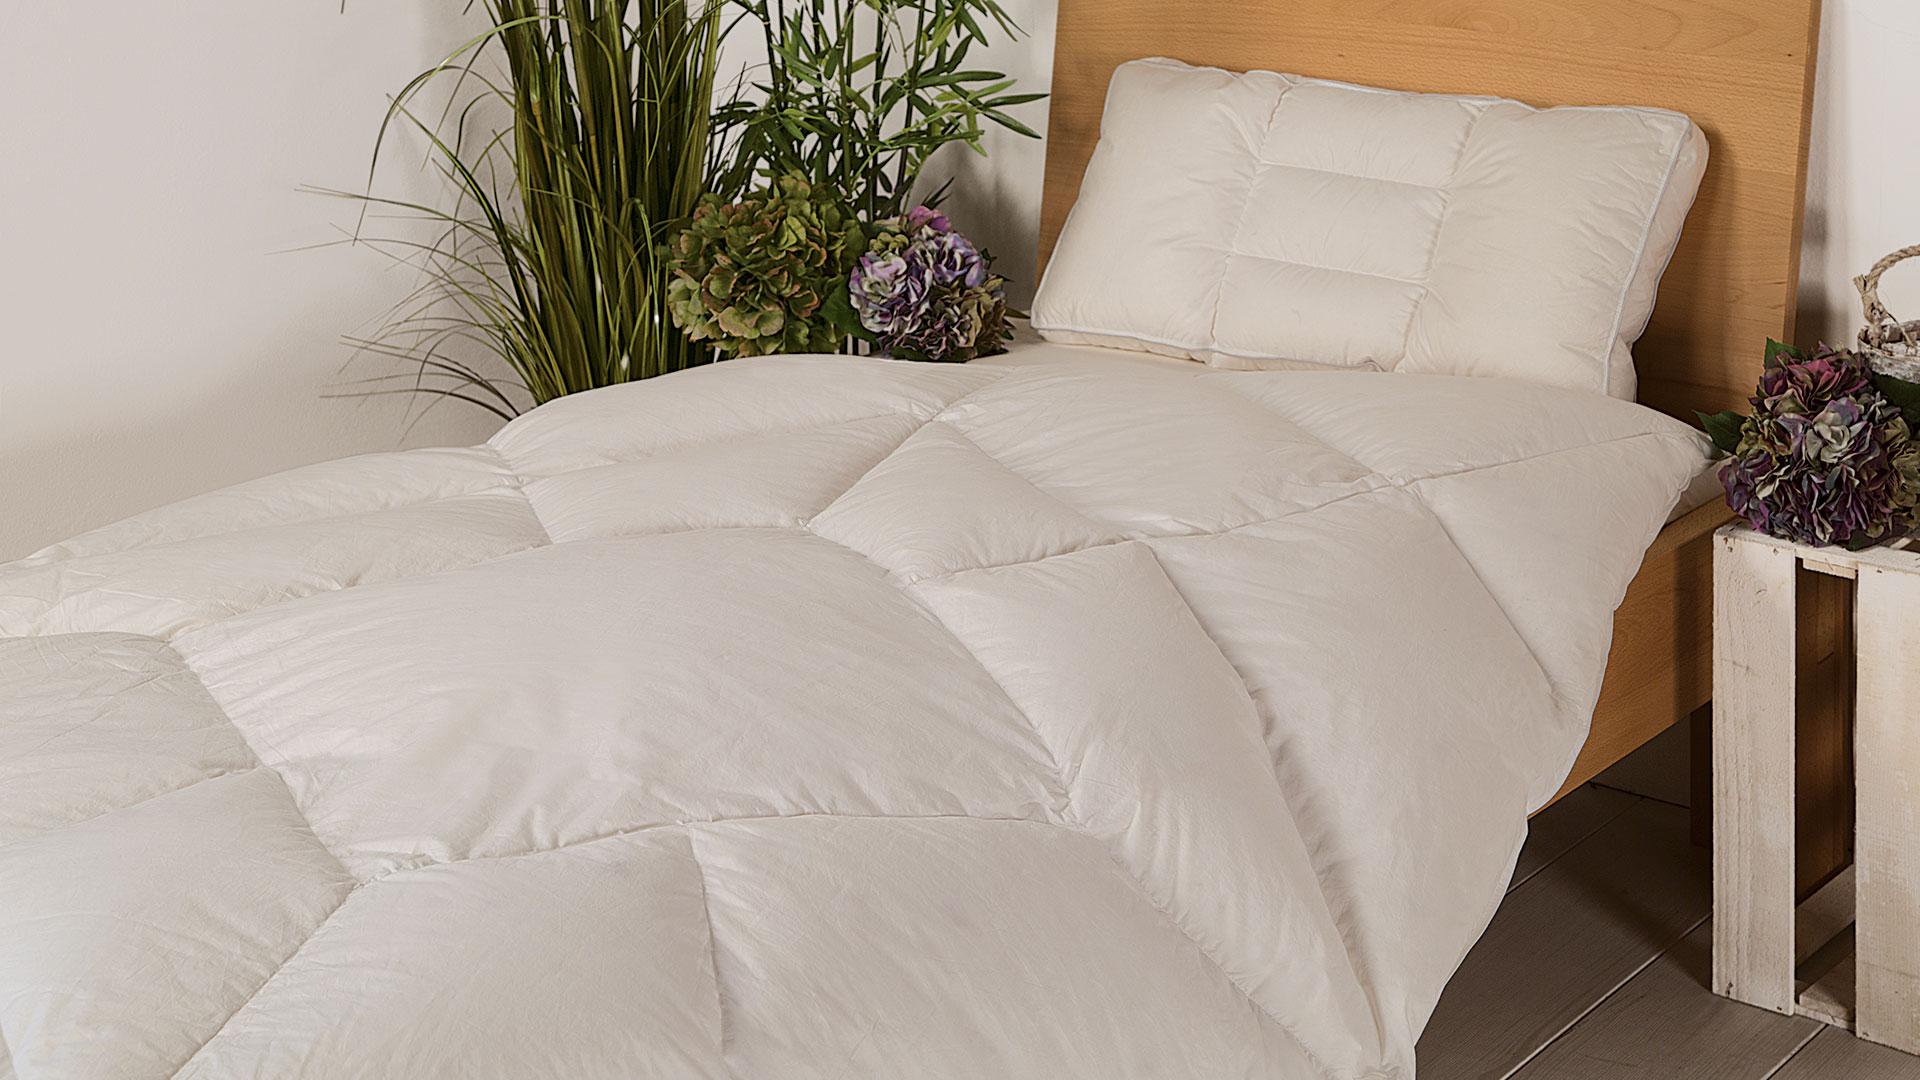 Daunen Körperzonen Bettdecke Ansara Forma